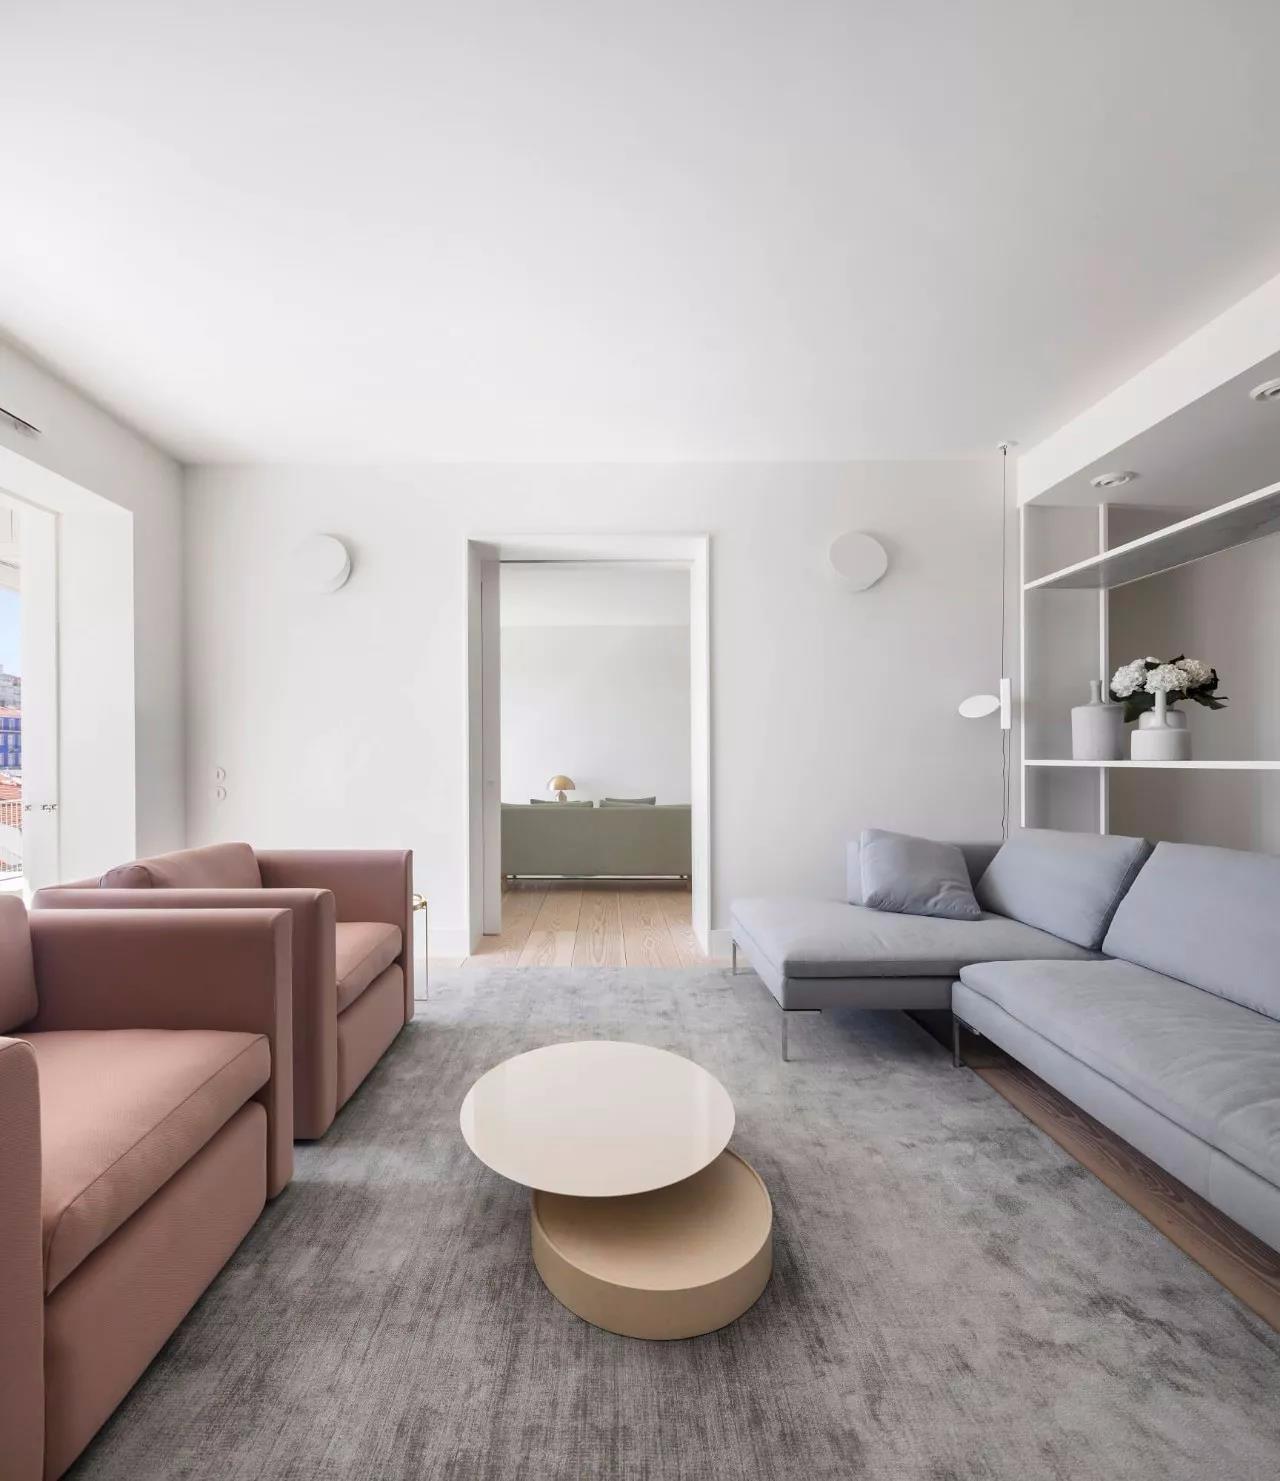 极简风格公寓起居室装修效果图